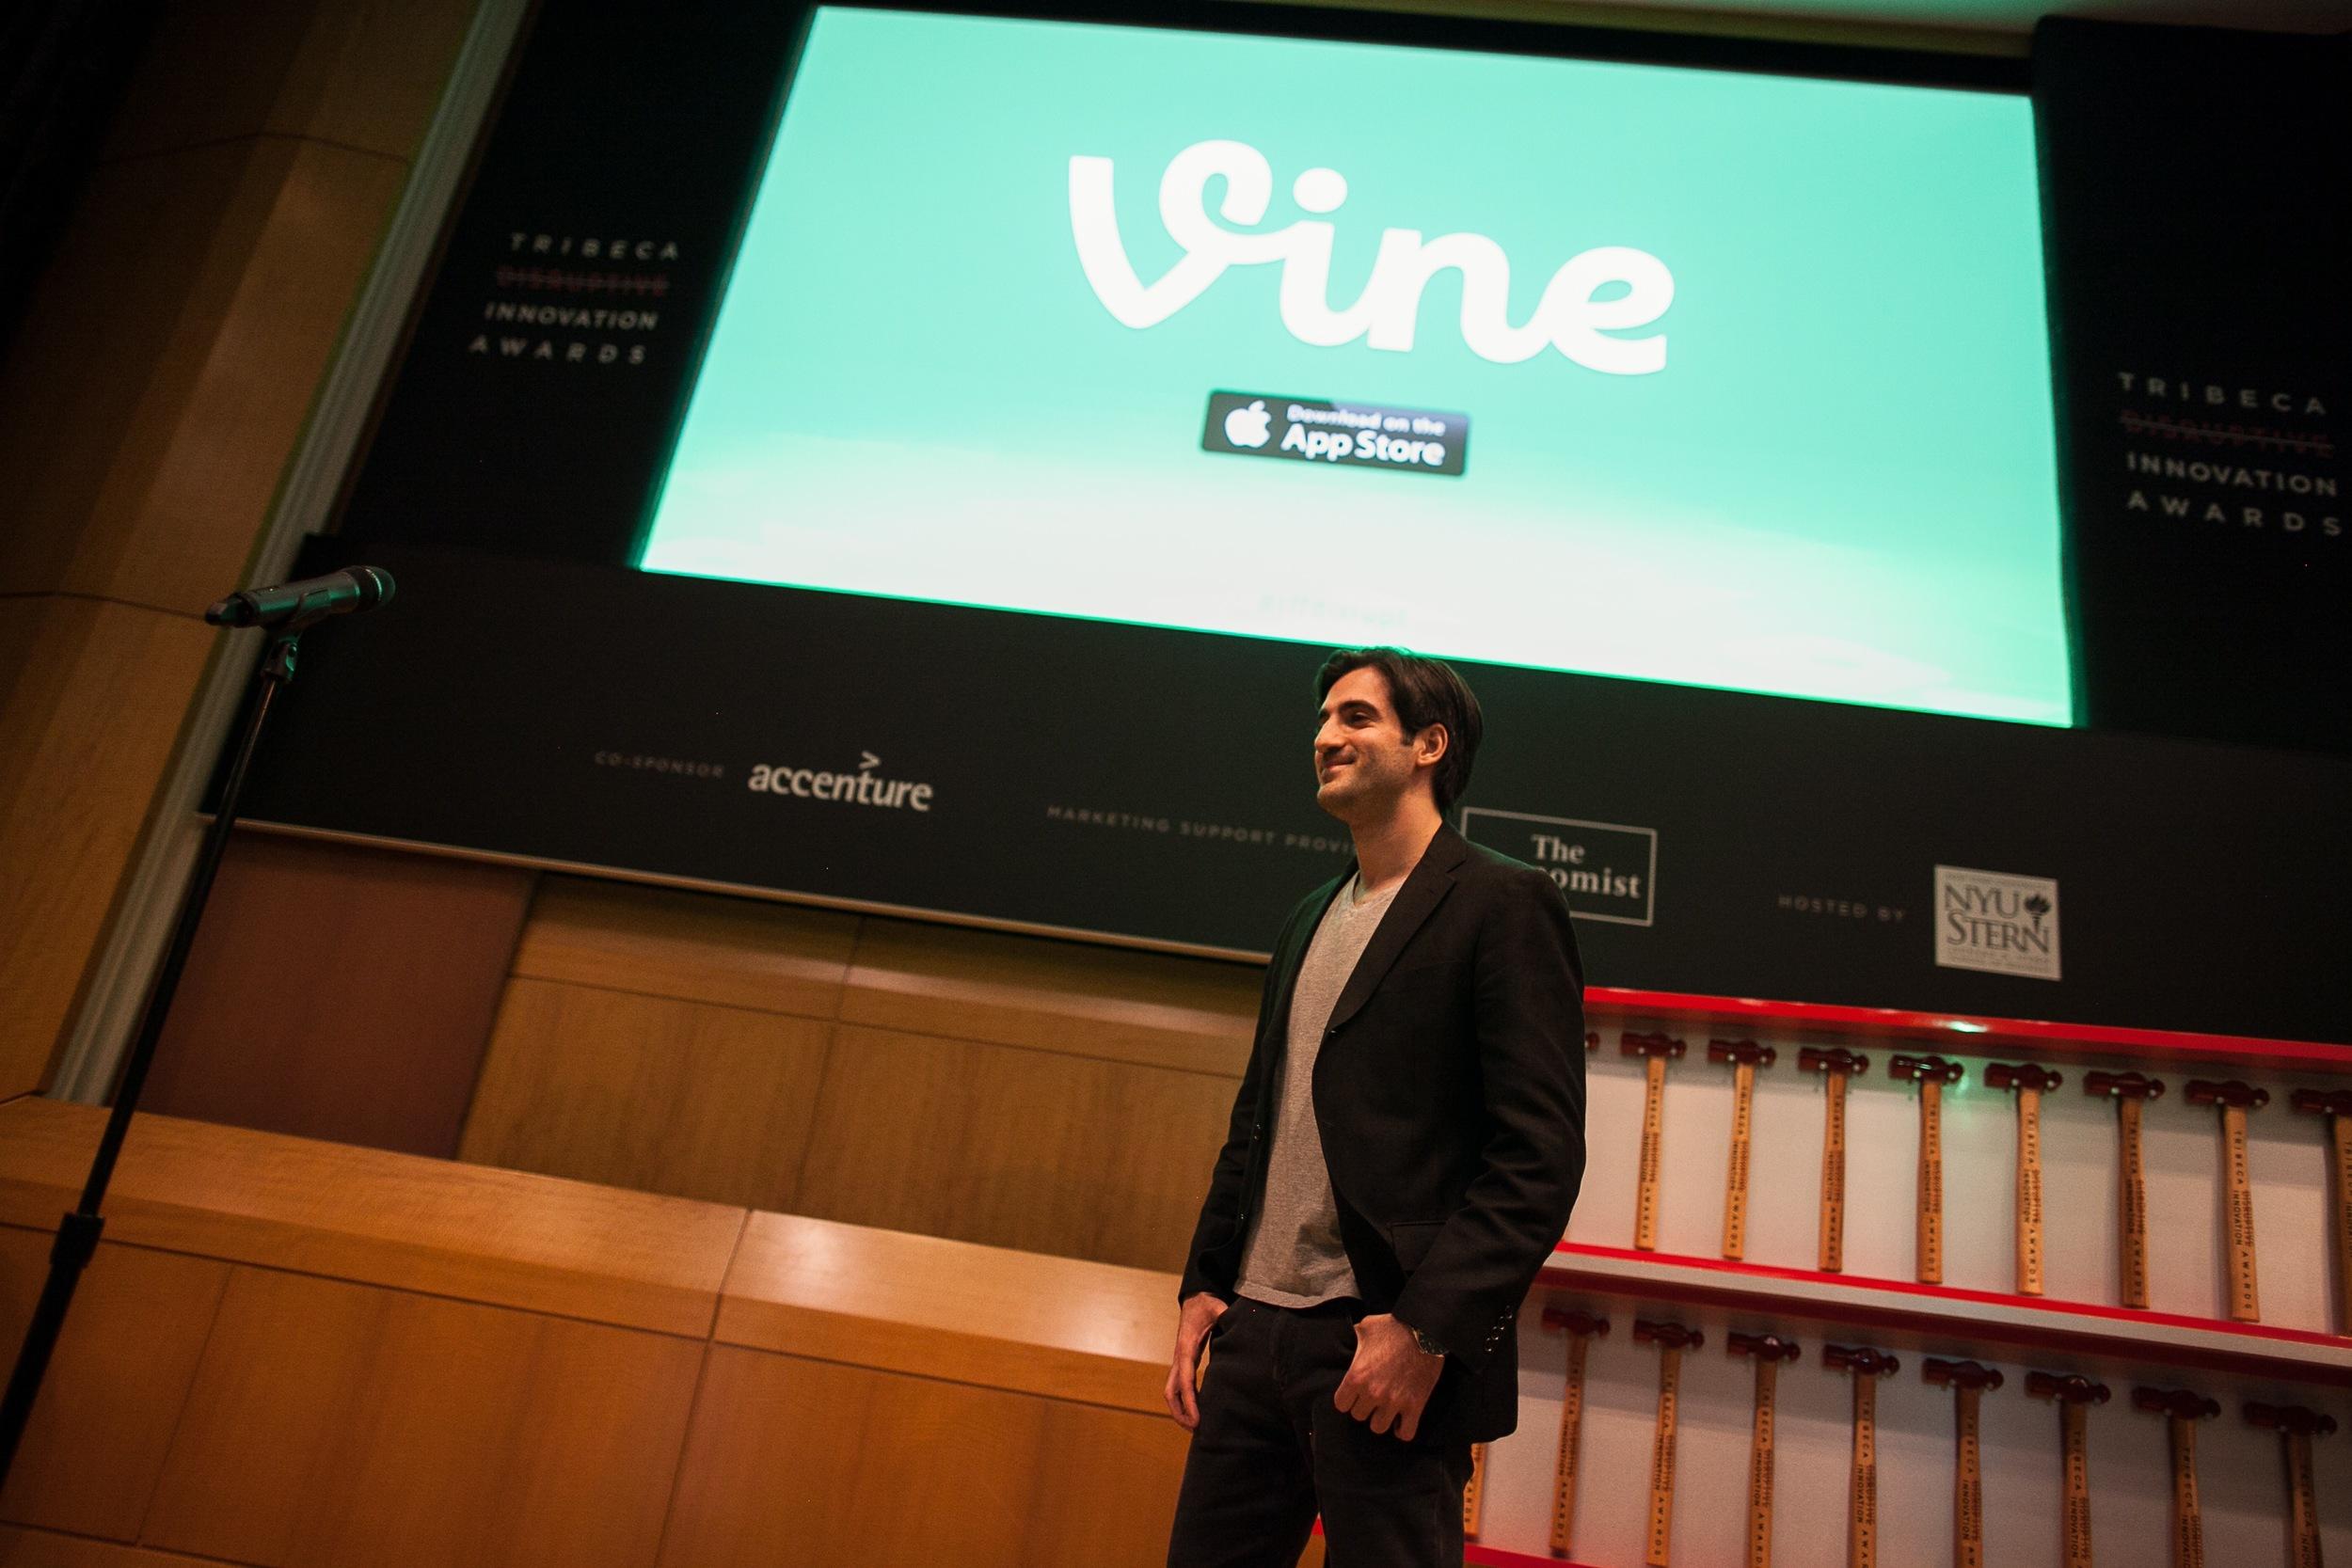 Tribeca Disruptive Innovation Awards 2013 - 056.jpg